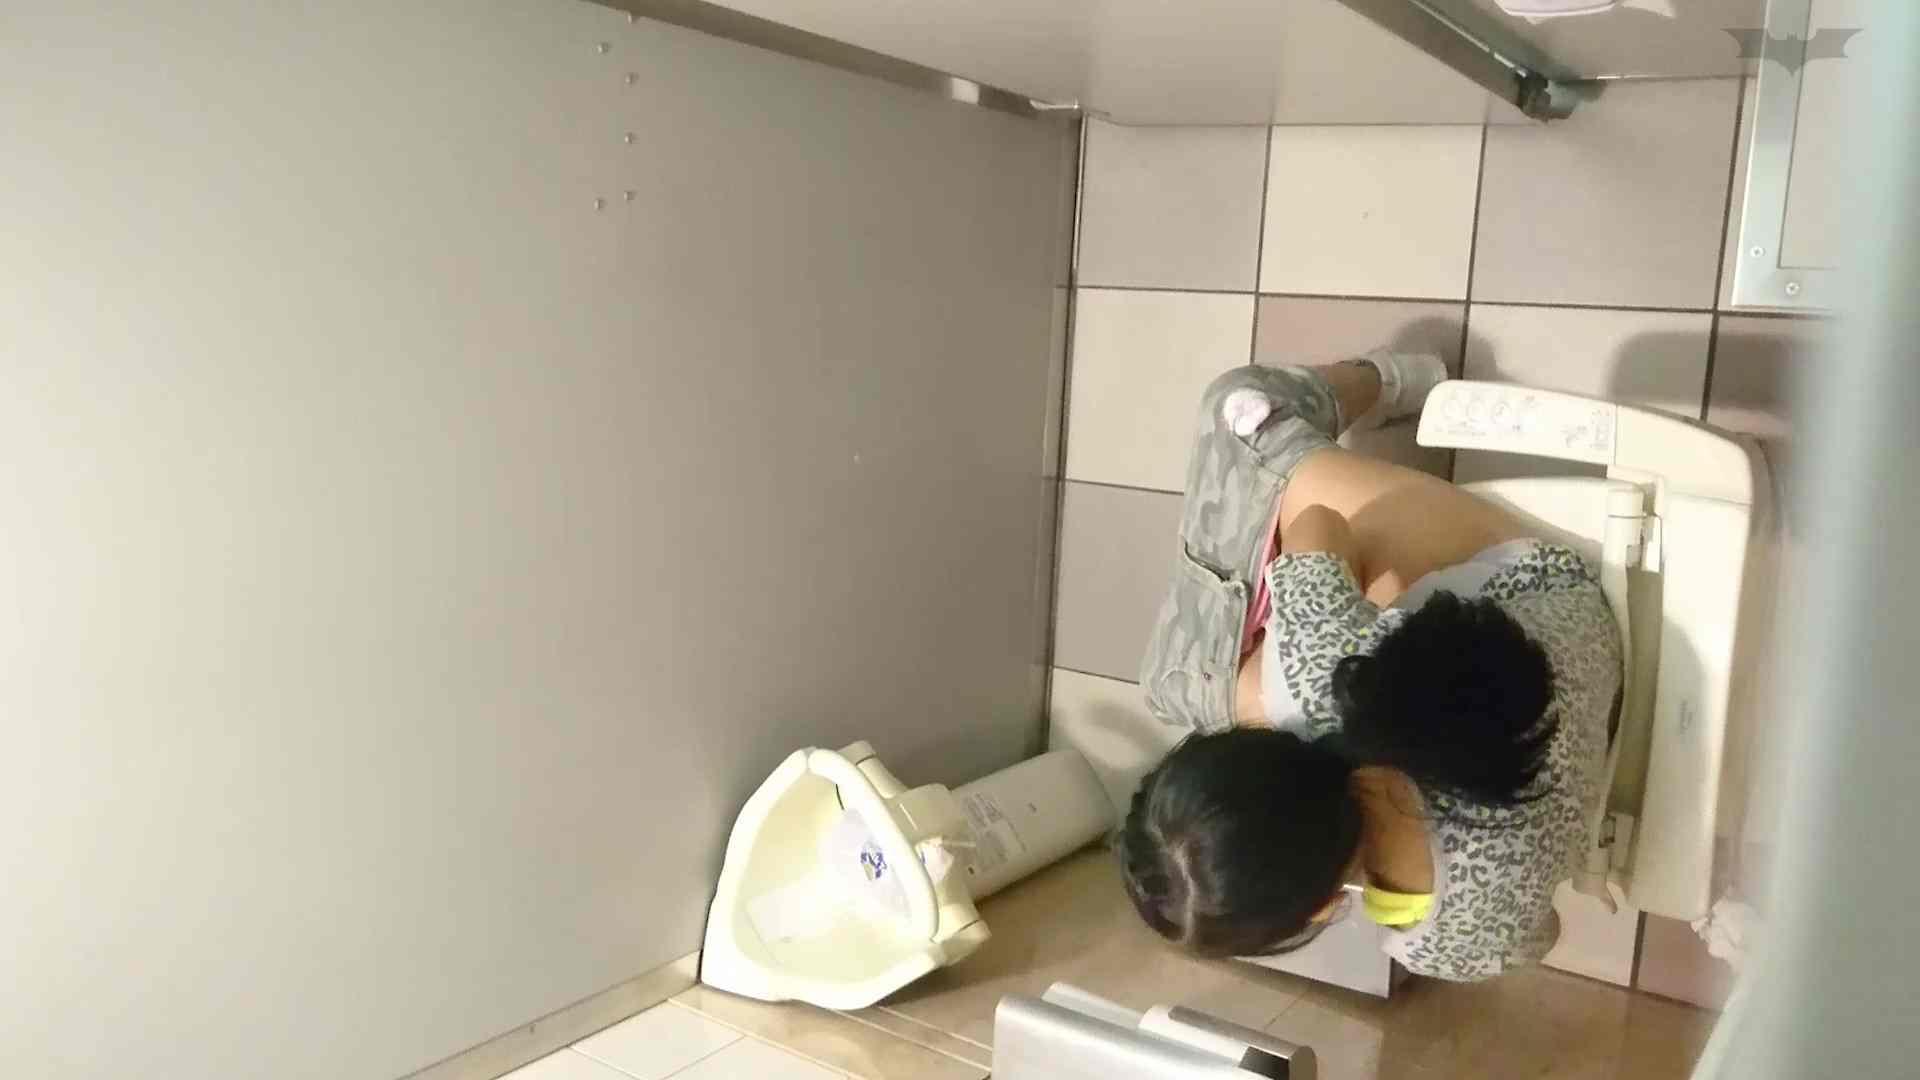 化粧室絵巻 ショッピングモール編 VOL.23 若いギャルが登場! ギャル盗撮映像  101PIX 44